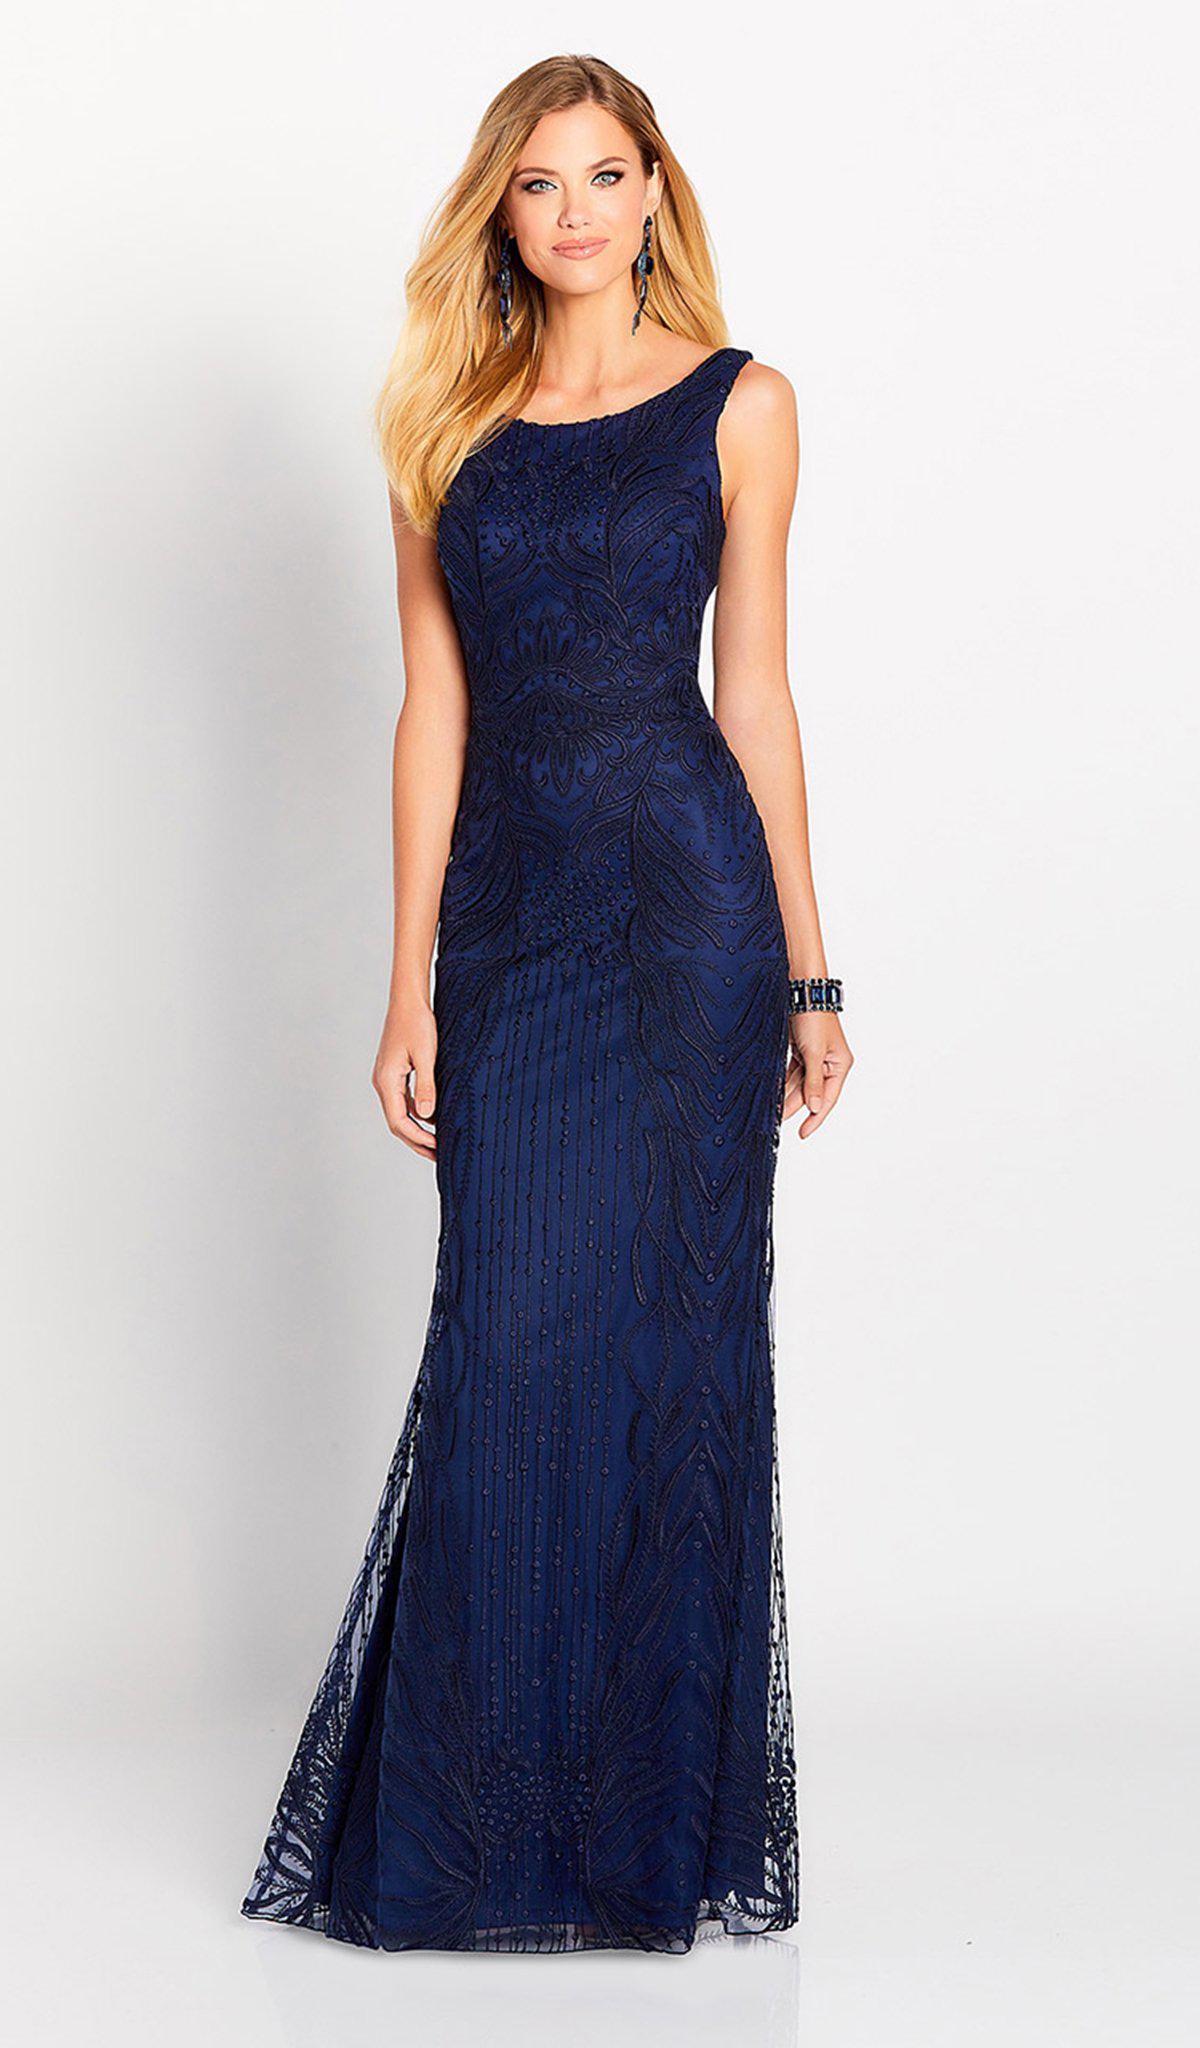 9103a8244279 Mon Cheri. Women's Blue Cameron Blake By - 119644 Allover Lace Trumpet Dress